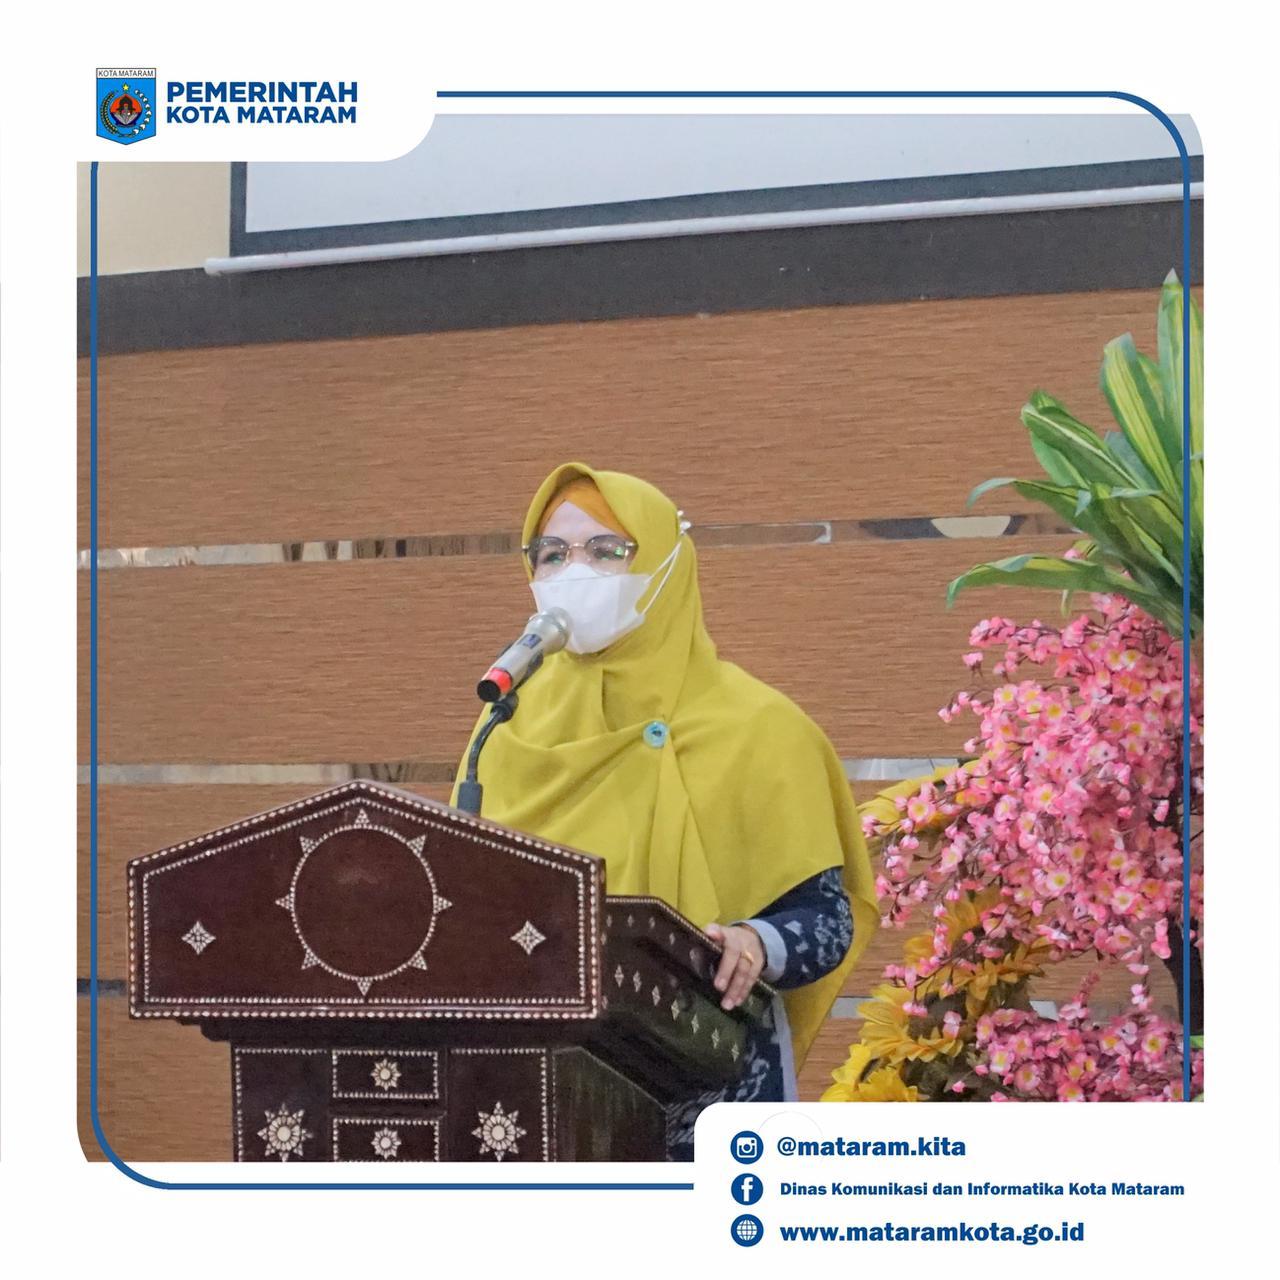 Ketua GOW Kota Mataram Buka Pelatihan Pilah Sampah Dalam Rangka Hari Kartini